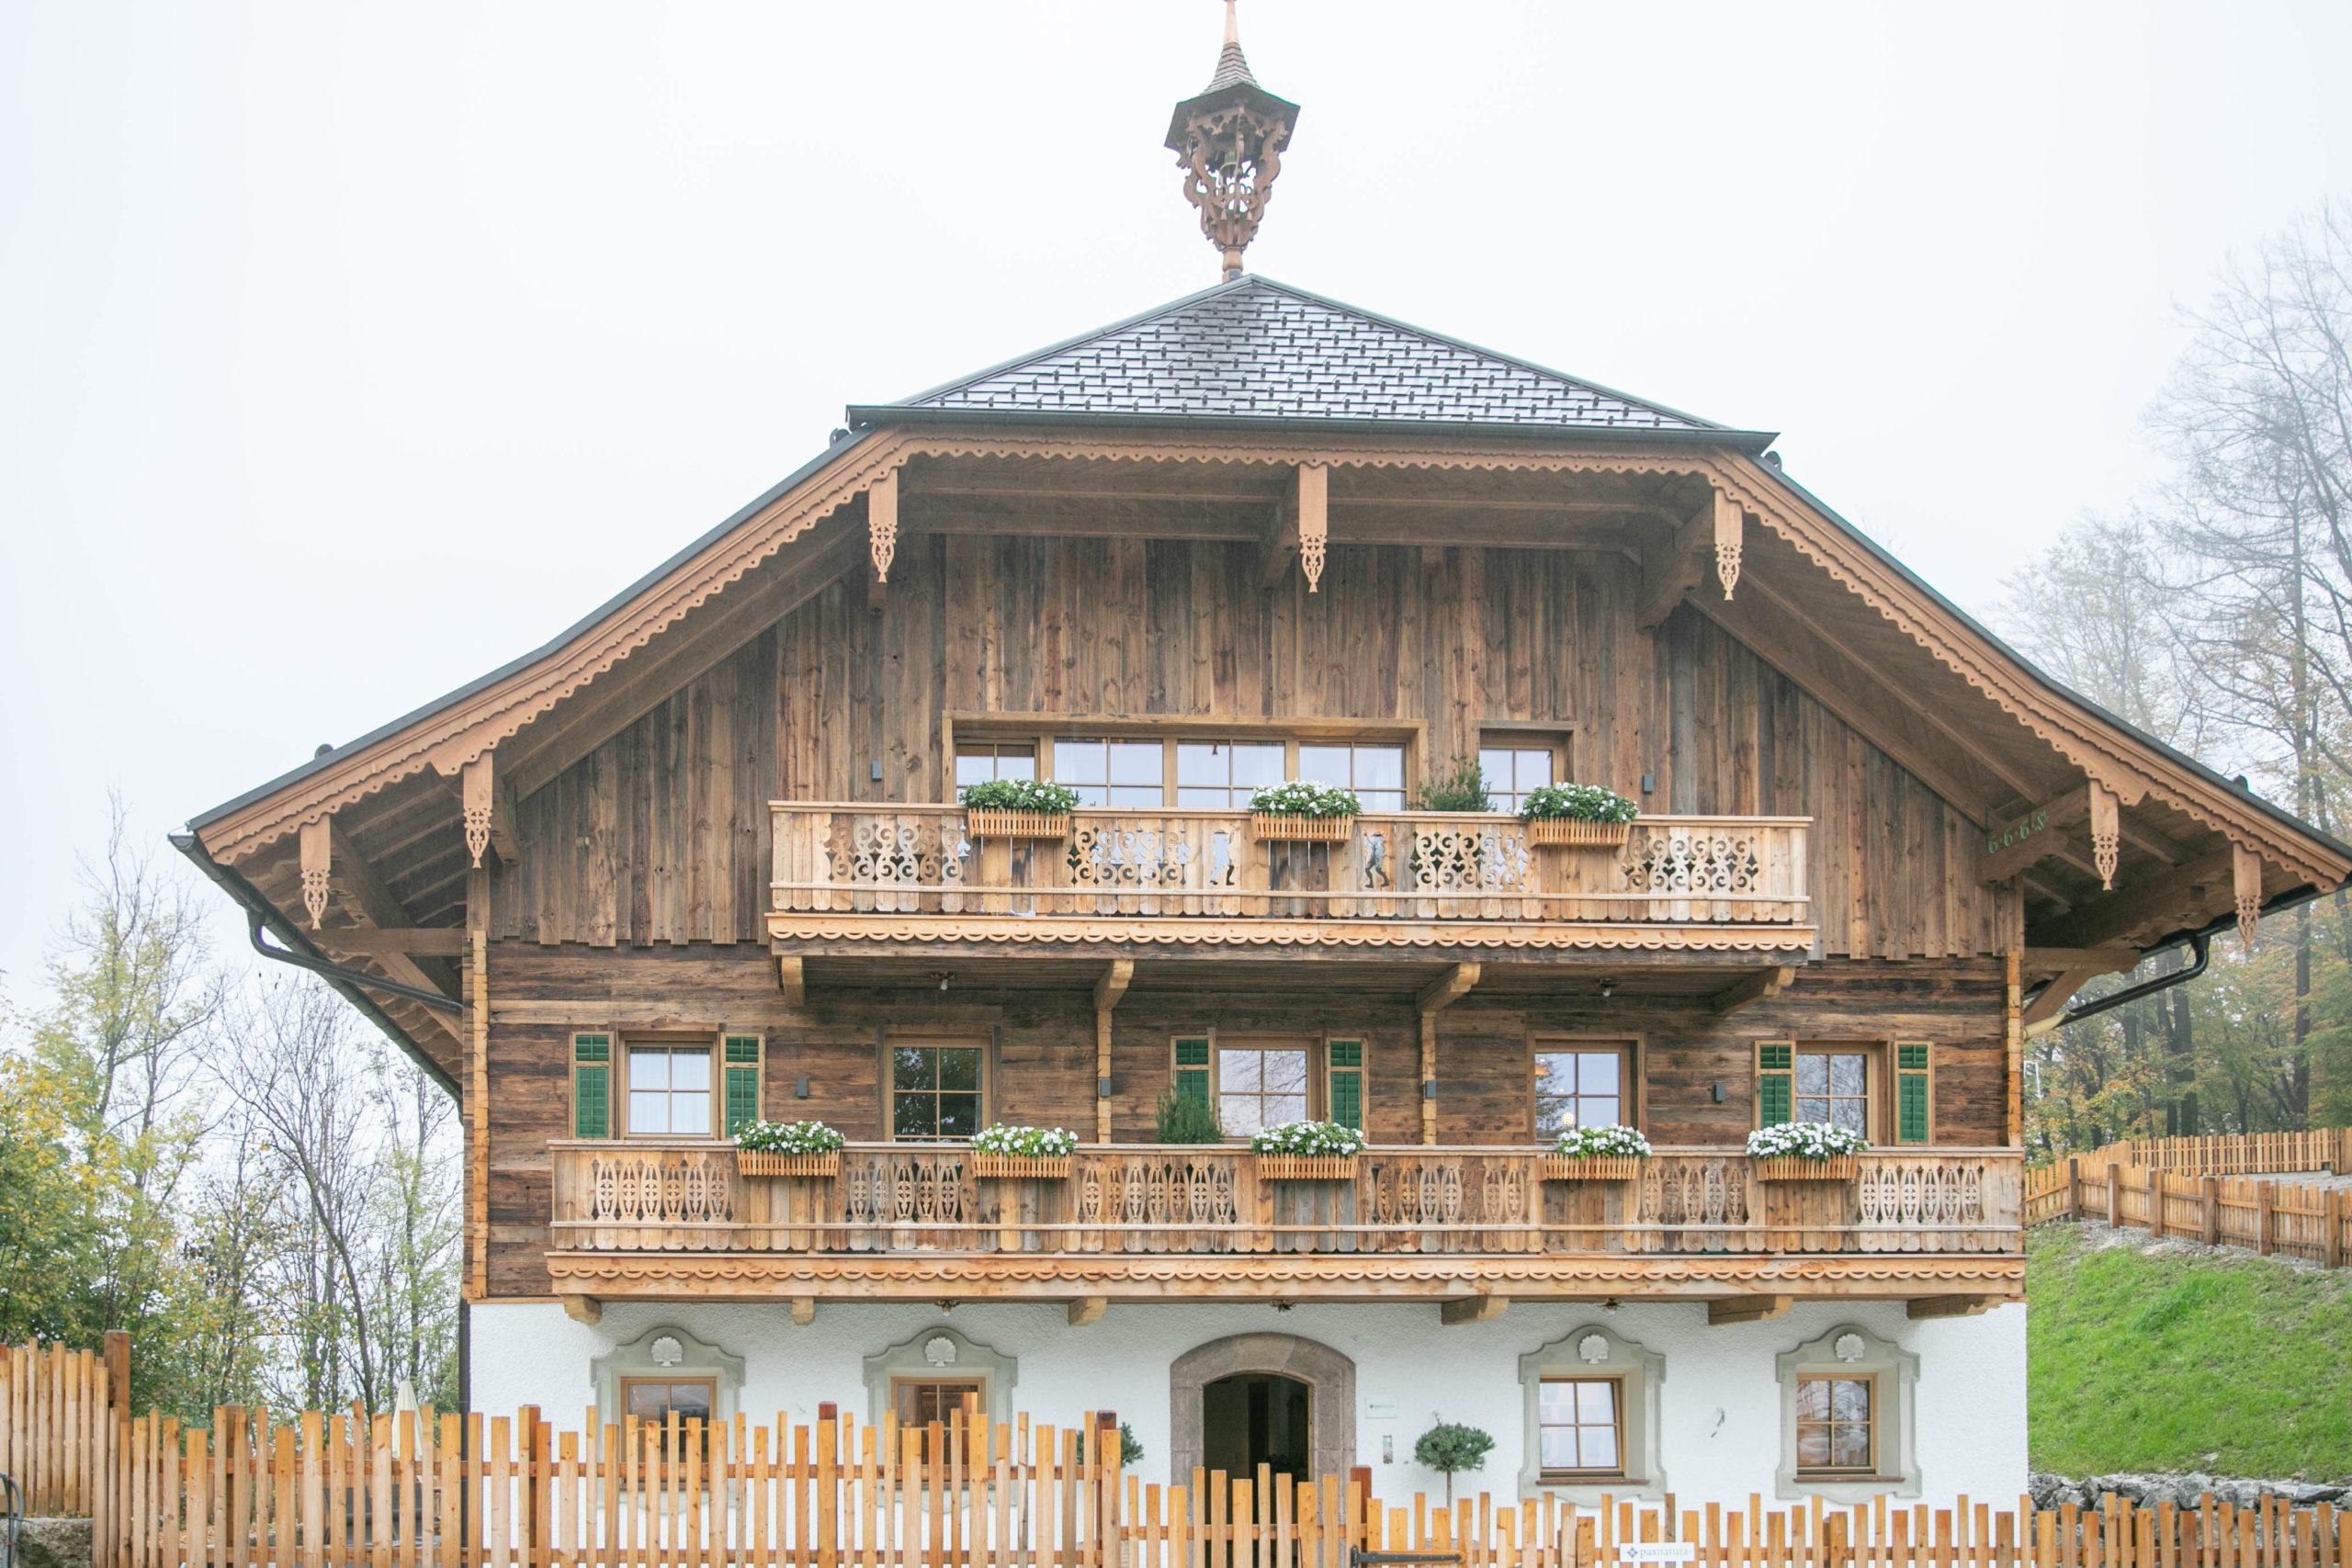 Eröffnung Plainstöckl, Maria Plain, Appartments, 20191028, Salzburg, ©www.wildbild.at